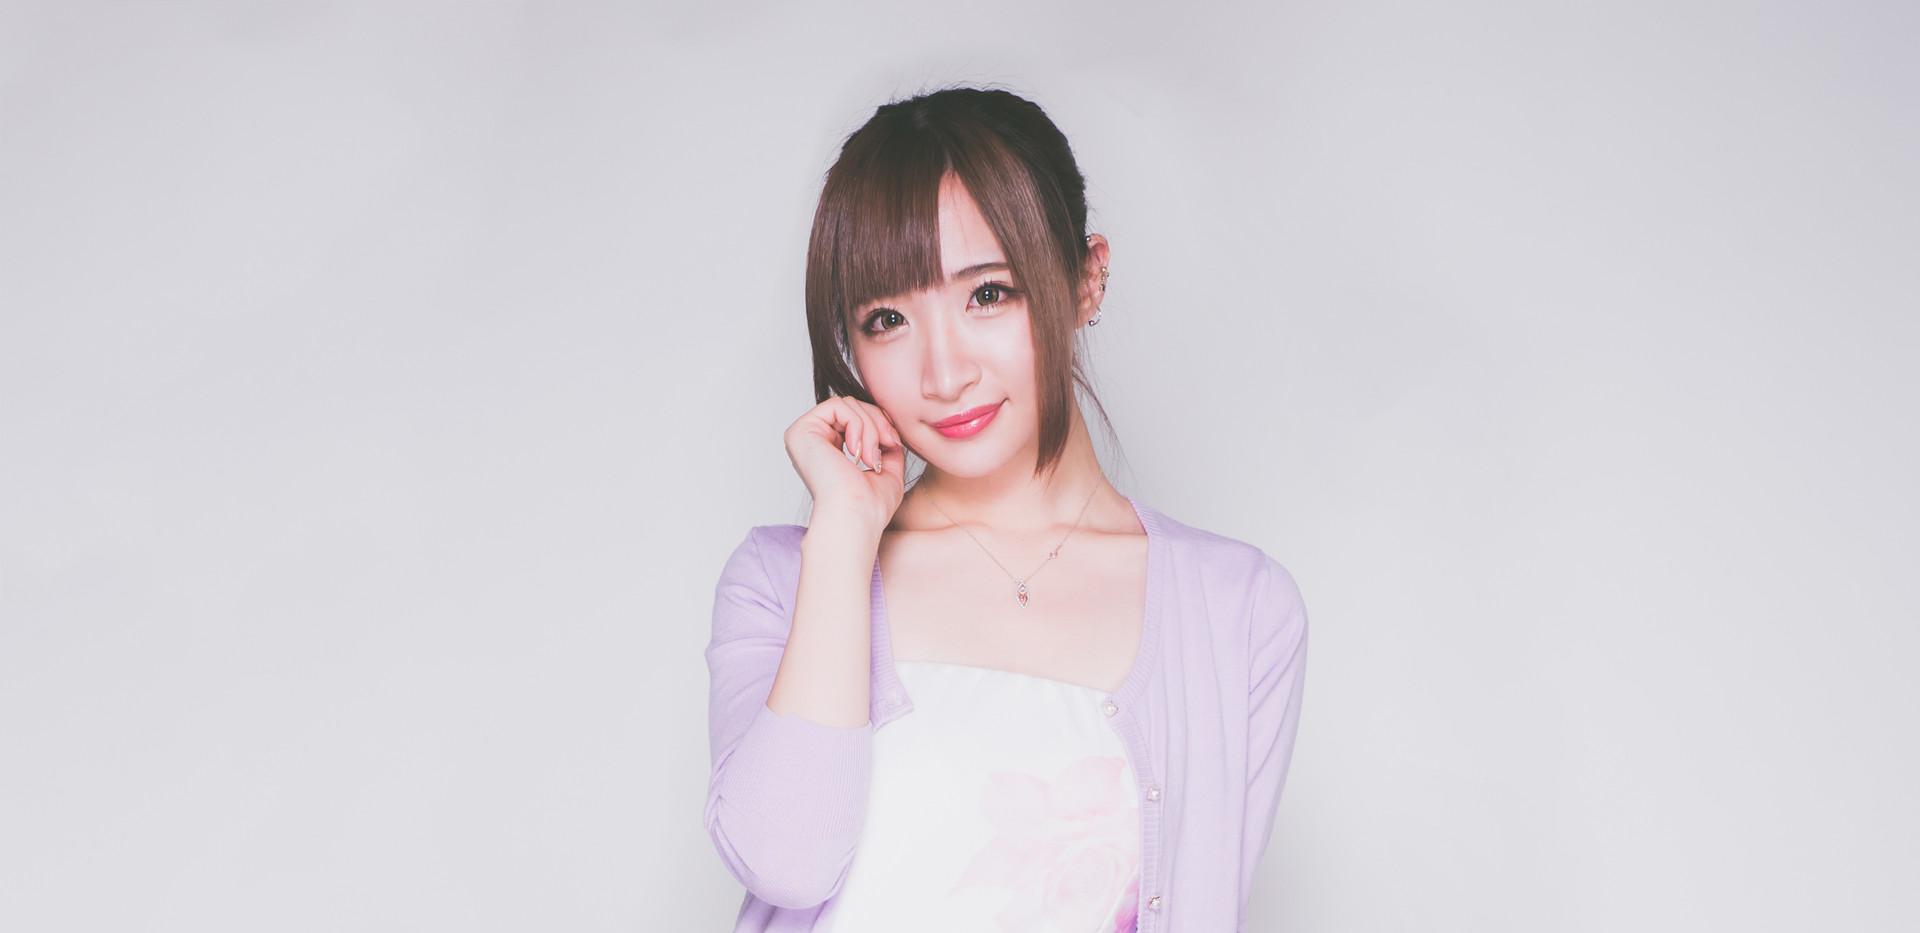 satsuki-promo-08r.jpg